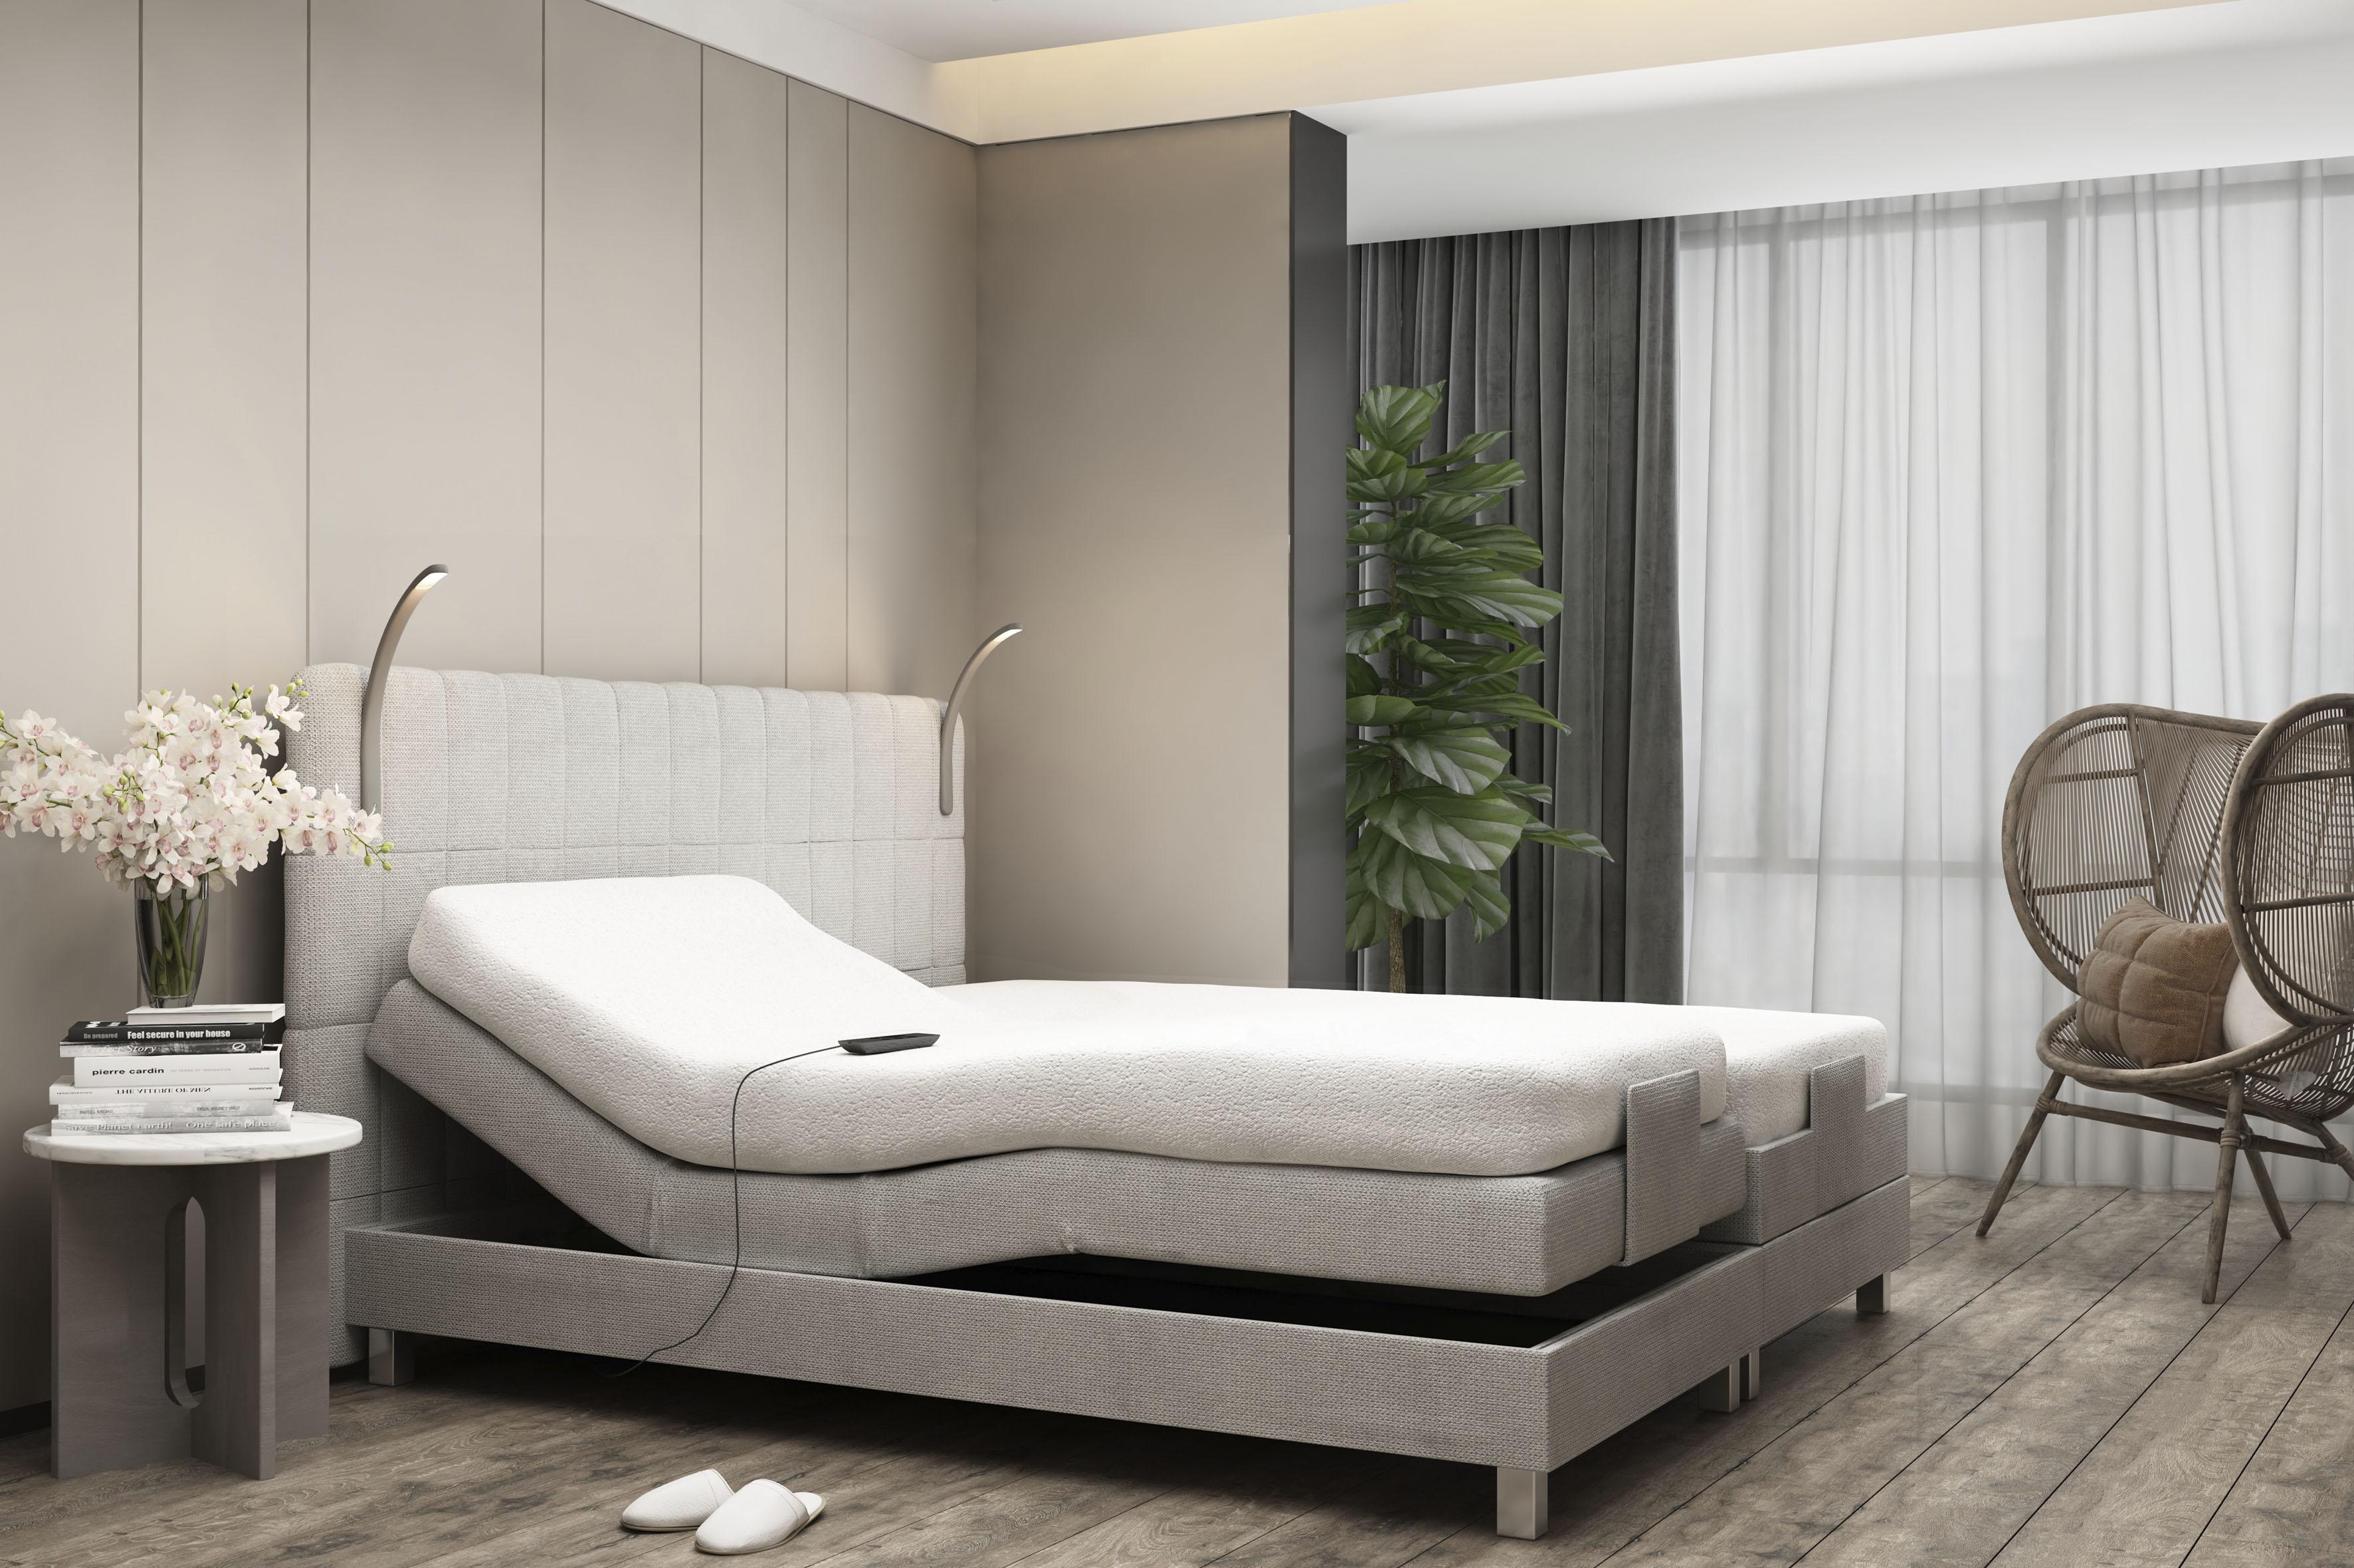 Westfalia Schlafkomfort Boxbett, mit Motor und LED-Beleuchtung günstig online kaufen